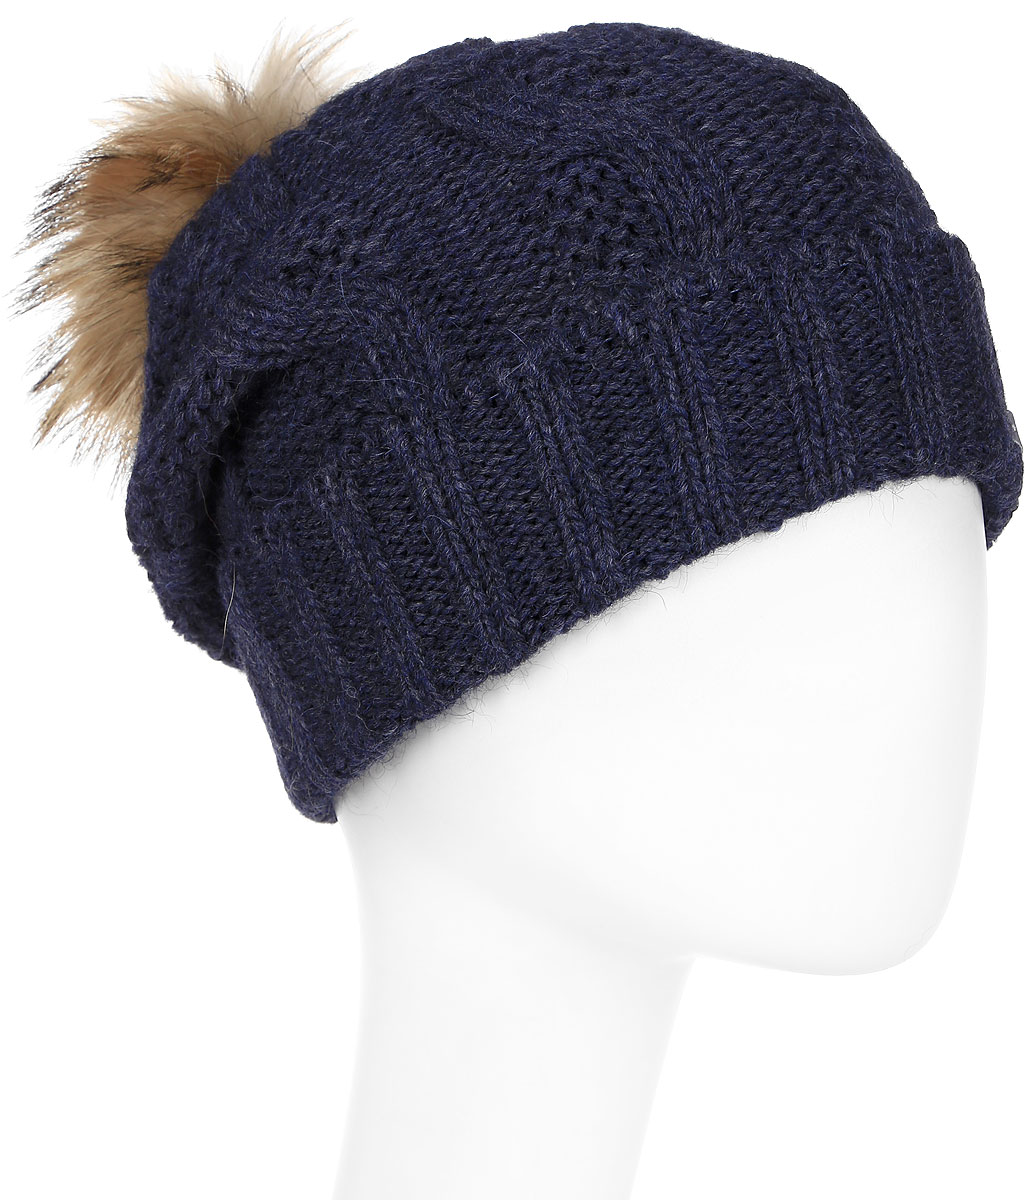 Шапка женская Paccia, цвет: синий. NR-21711-6. Размер 55/58NR-21711-6Стильная женская шапка-бини Paccia выполнена из акрила с добавлением шерсти. Модель дополнена меховым помпоном. Эта шапка не только согреет в холодную погоду, но и стильно дополнит ваш образ.